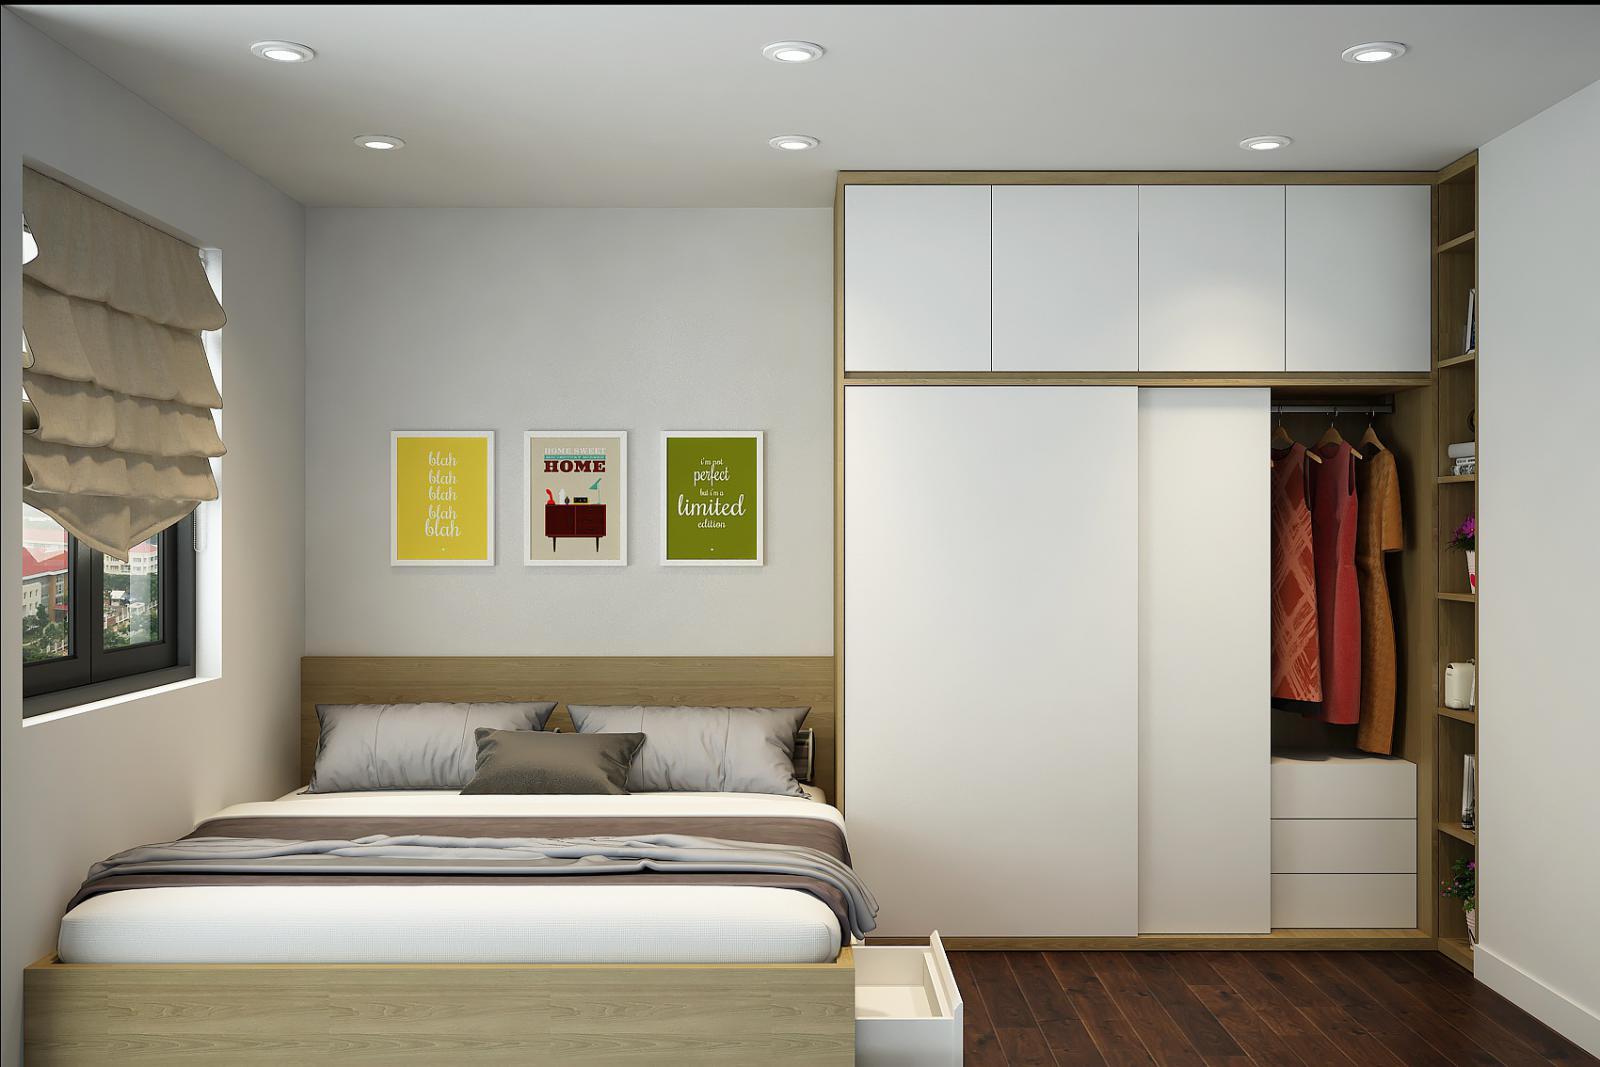 Giường Ngủ Gỗ Công Nghiệp Giá Rẻ Tp.Hcm